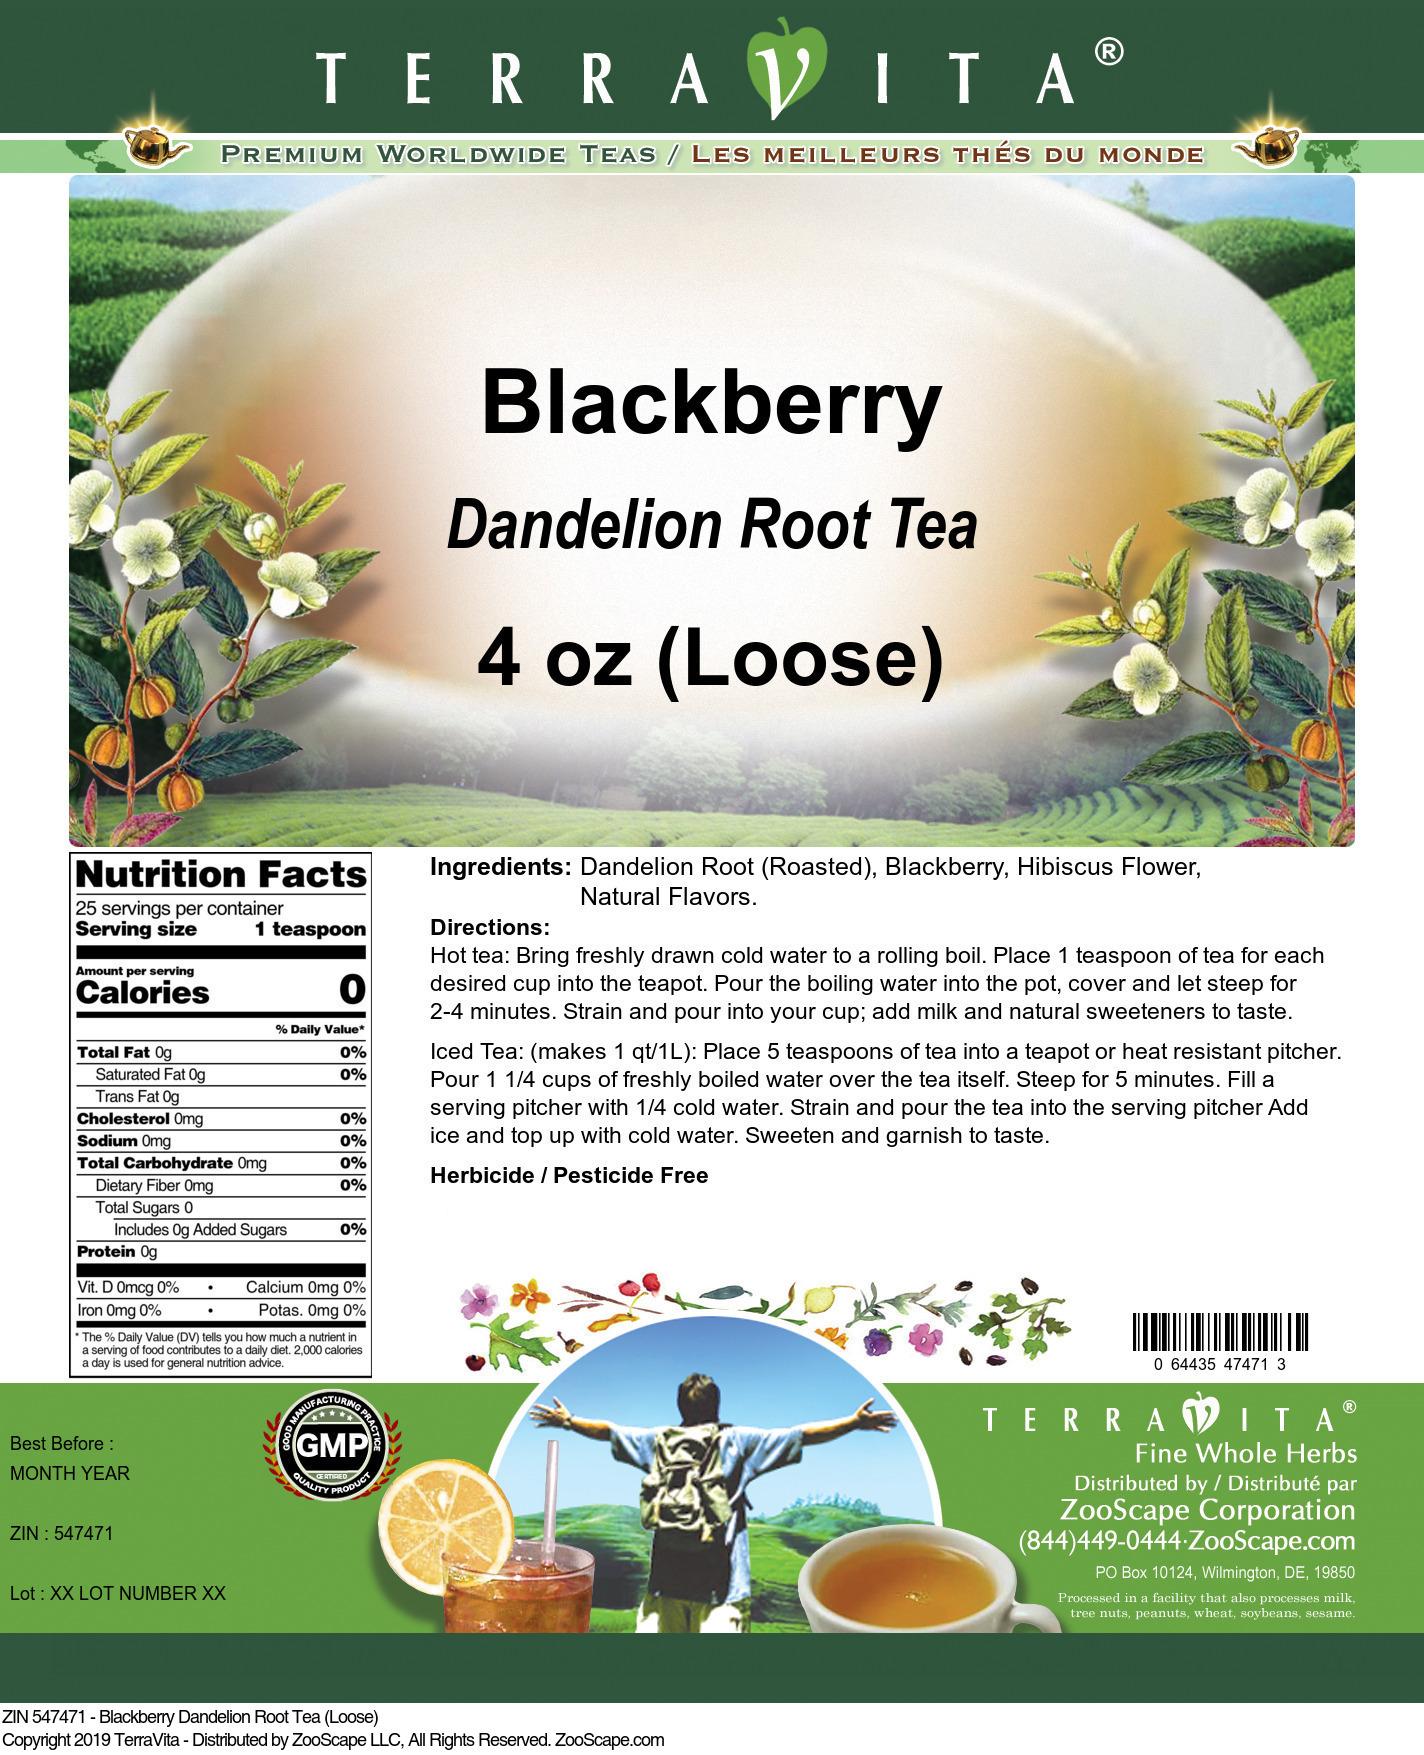 Blackberry Dandelion Root